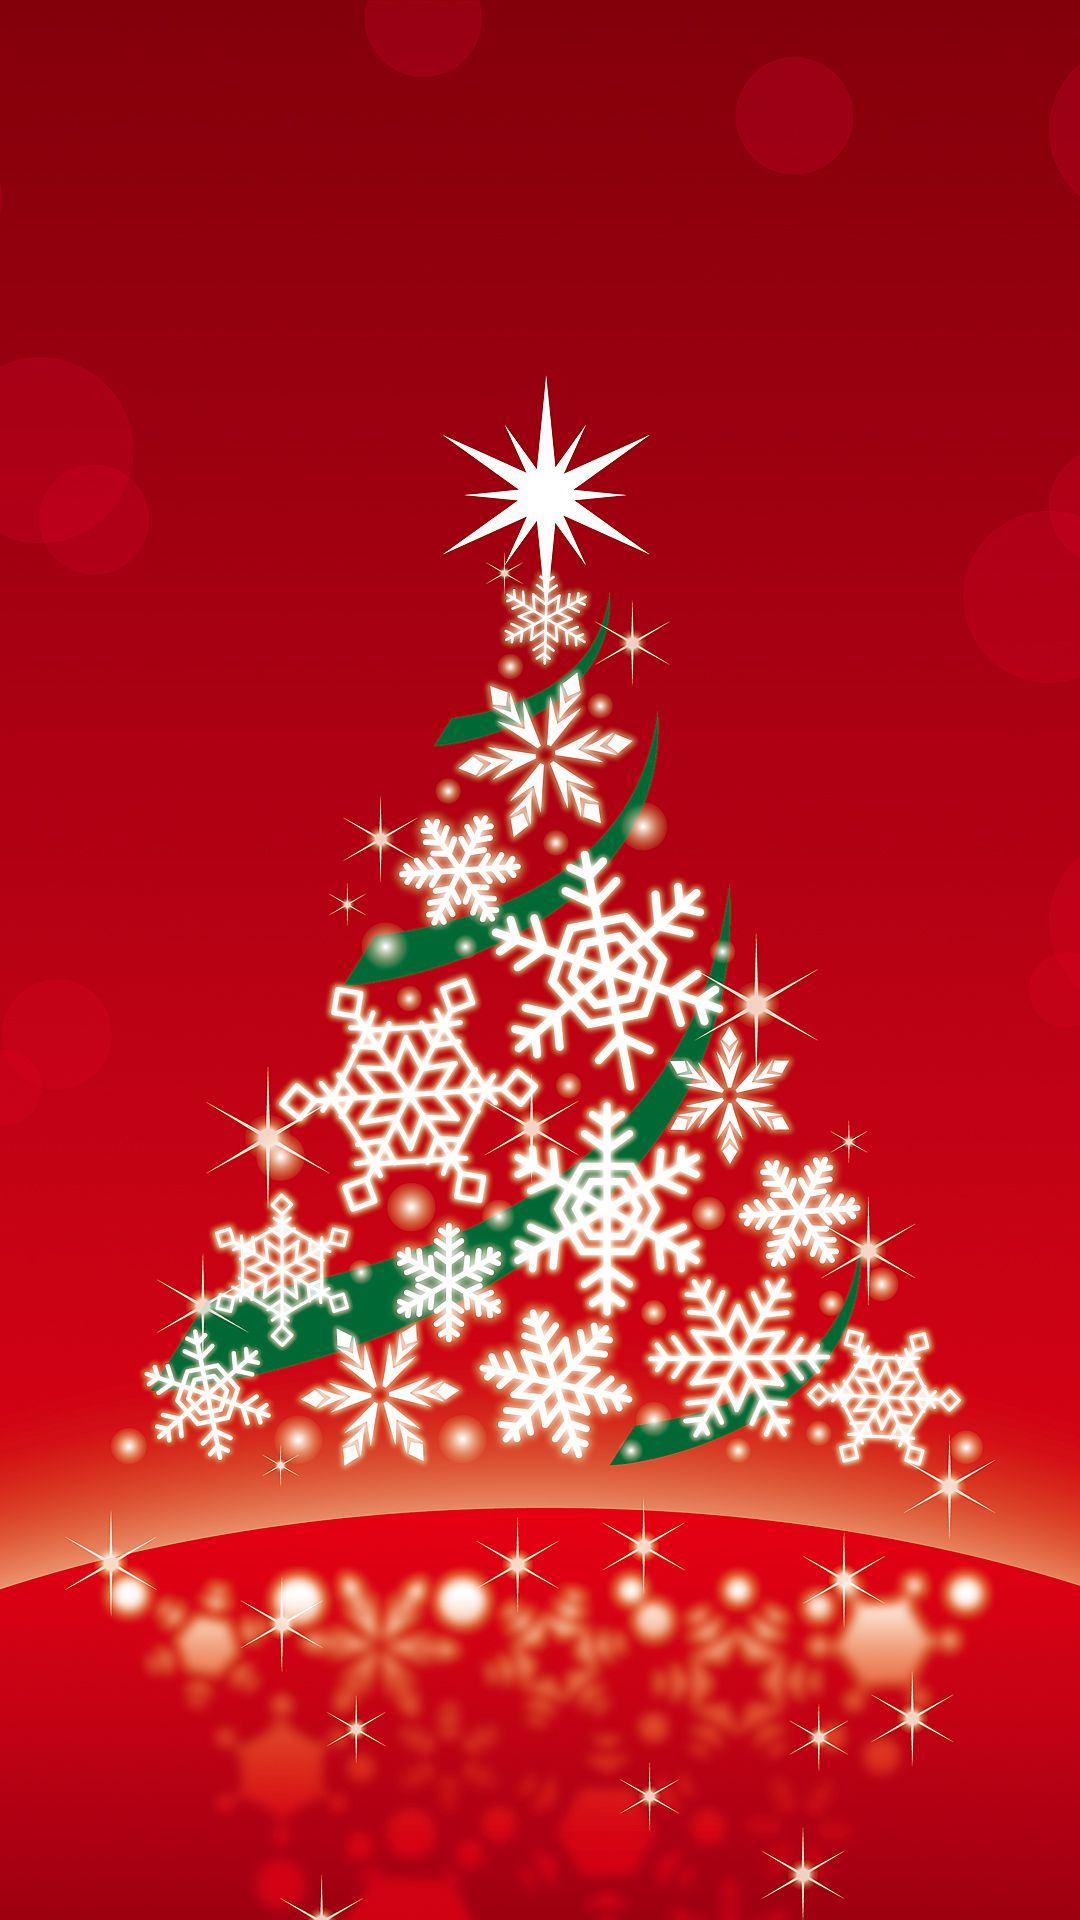 最高の壁紙 ベストセレクション クリスマス Iphone 壁紙 クリスマス壁紙 クリスマス ツリー イラスト クリスマスの壁紙